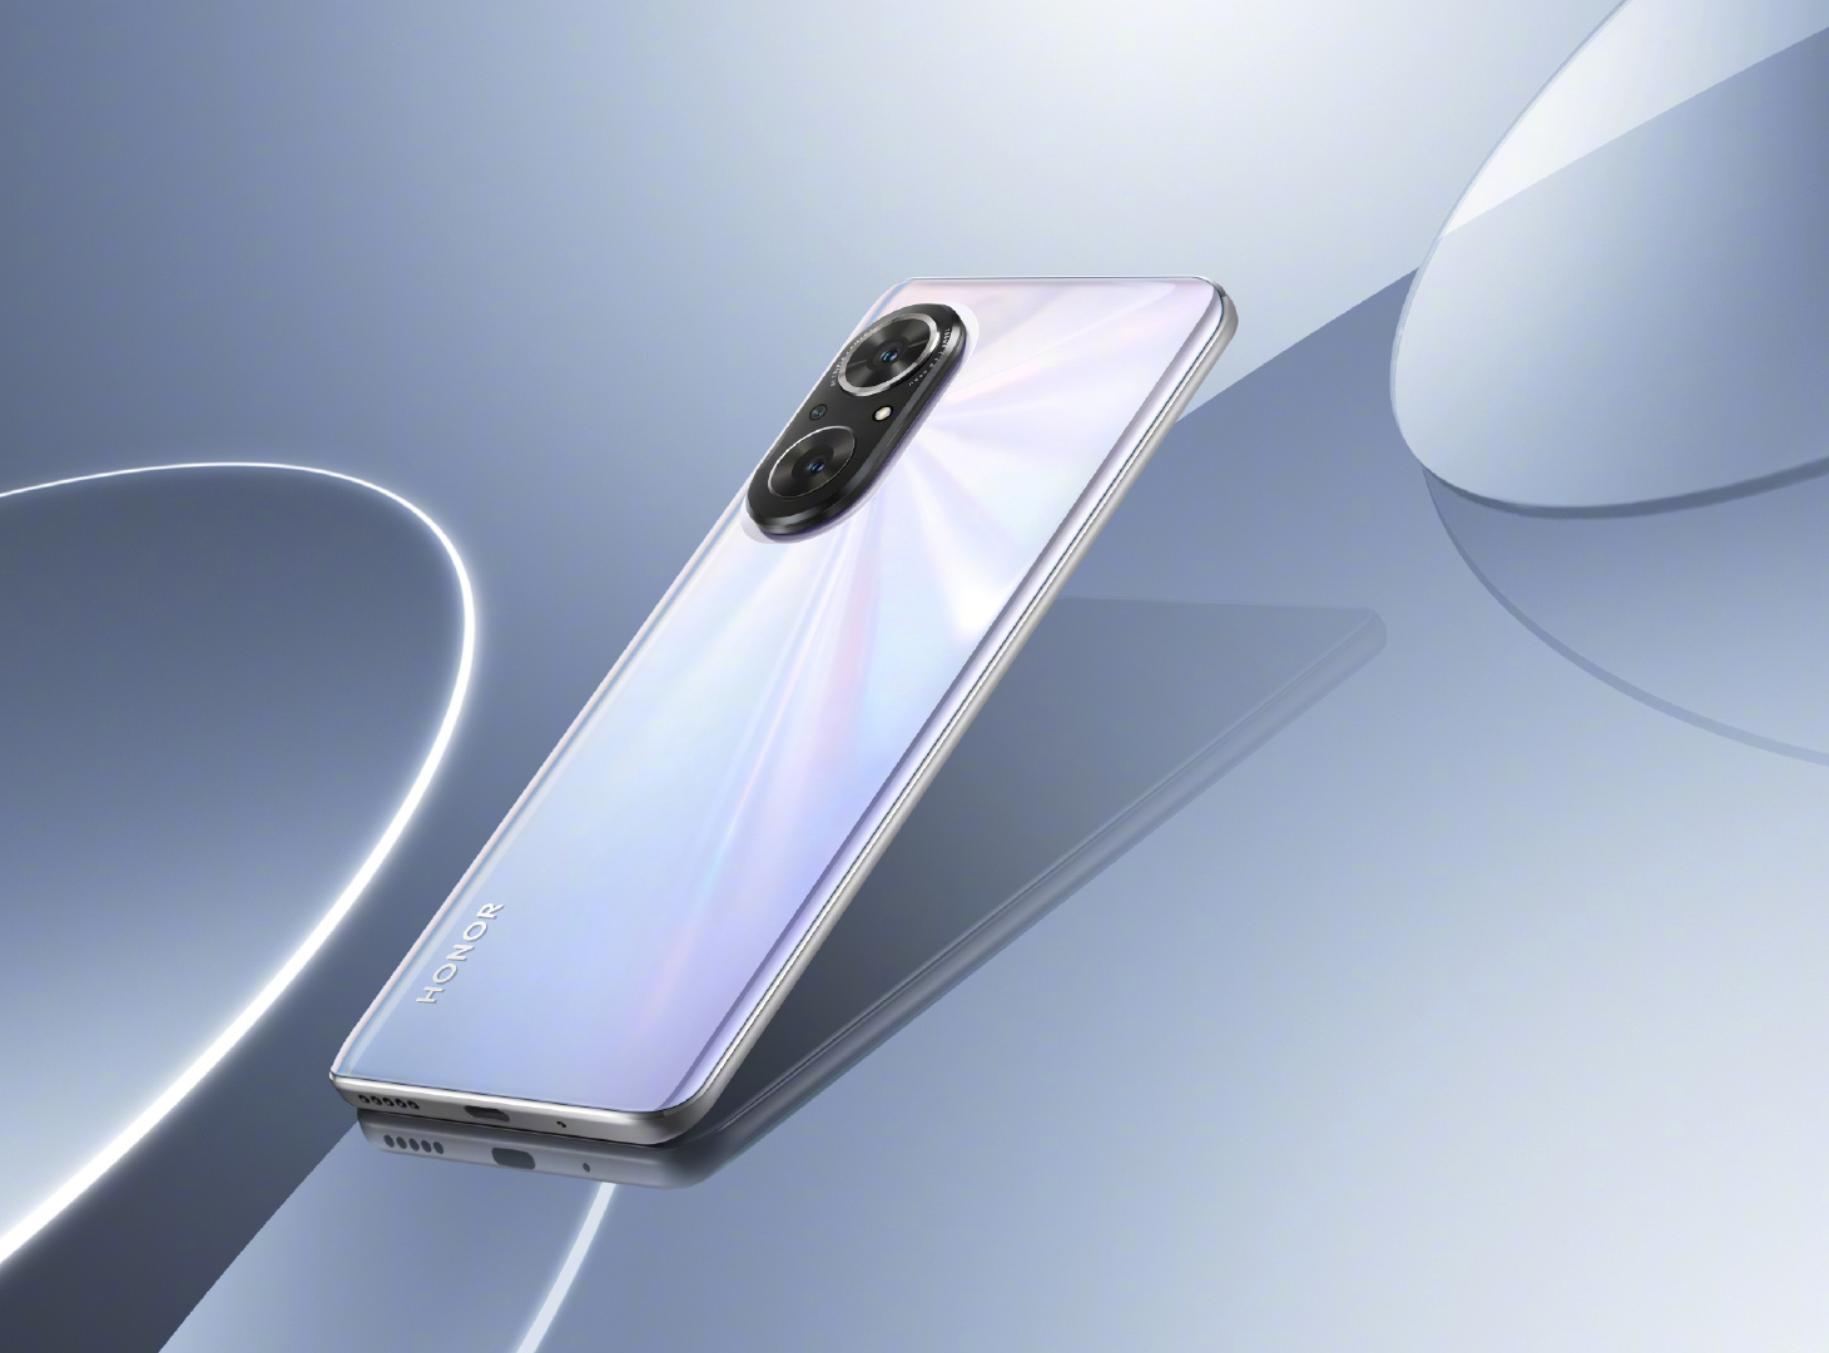 正面PK榮耀50P,小米高管宣佈,驍龍888手機大降價!